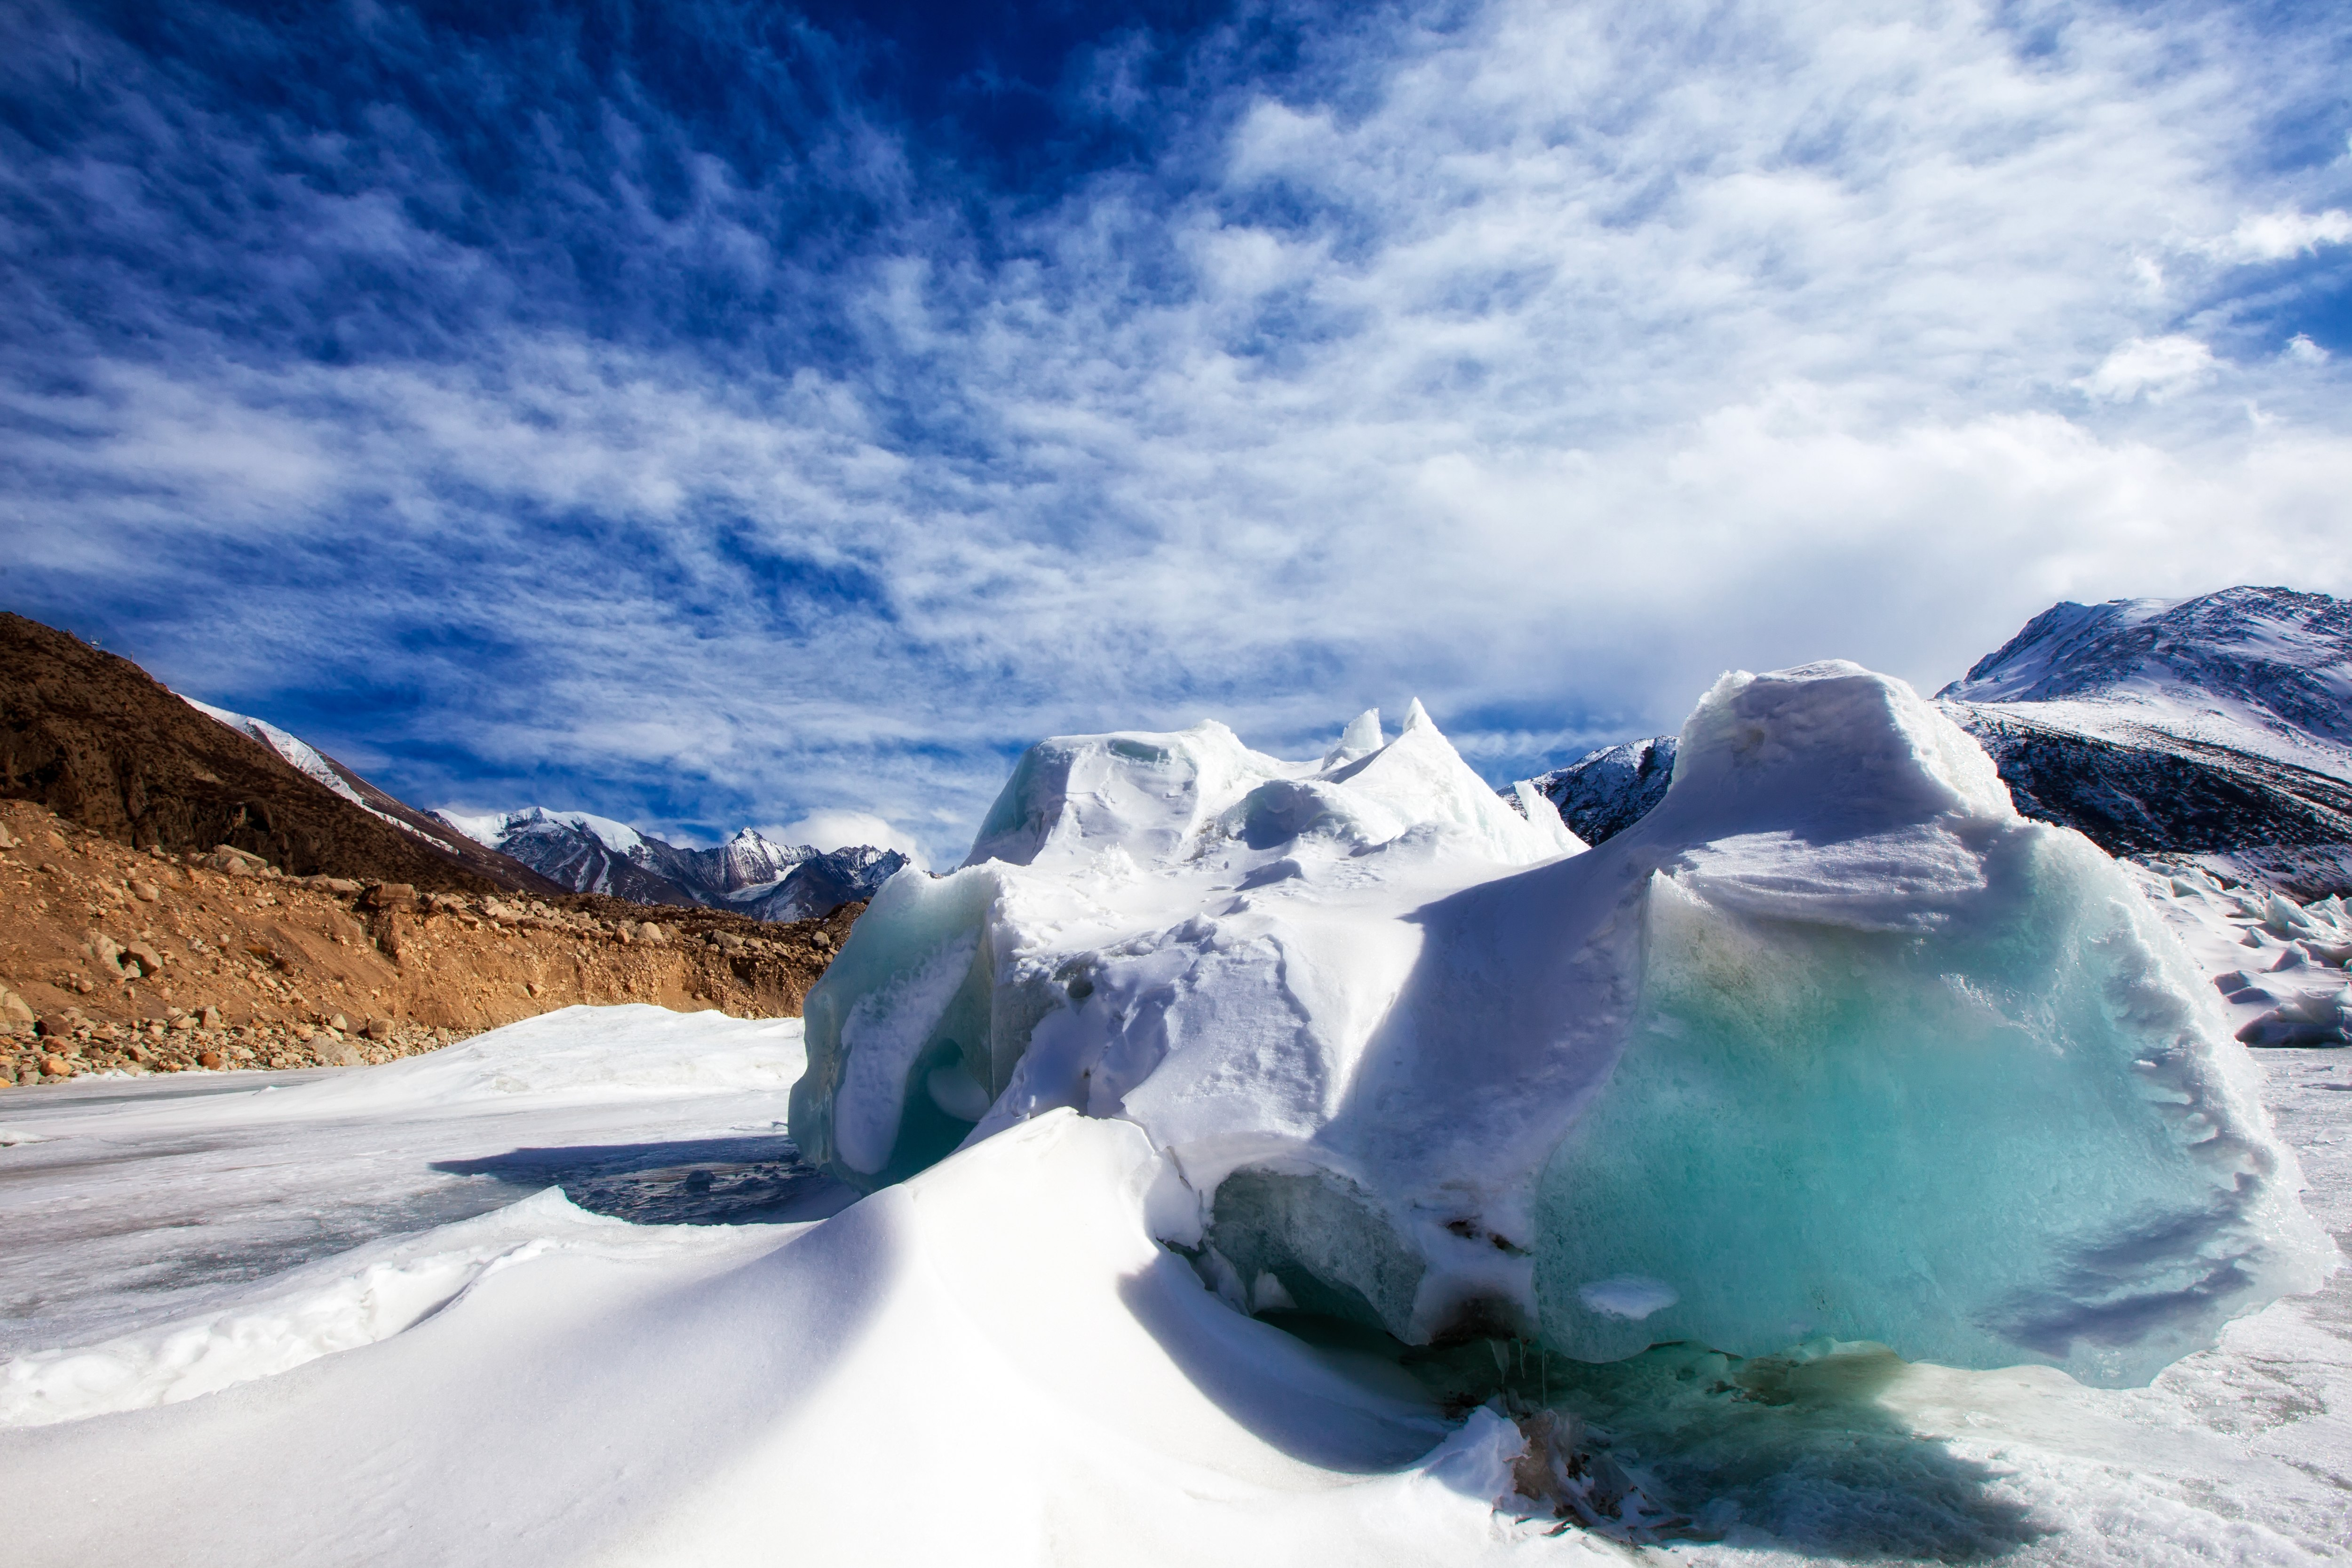 Laigu Glaciers